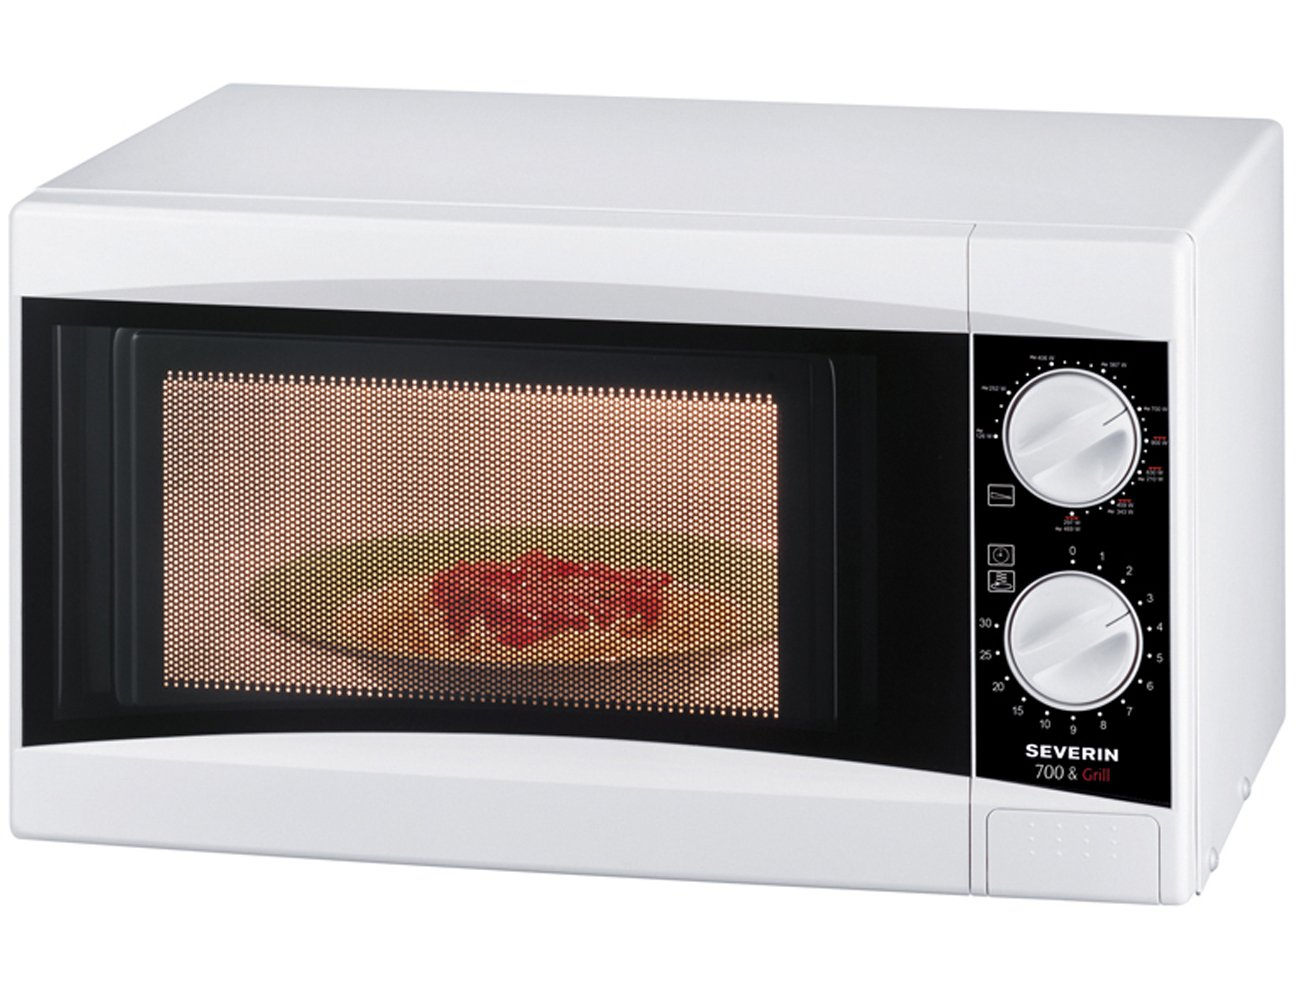 Severin MW 7810 Forno Microonde con Funzione Grill, 700 W